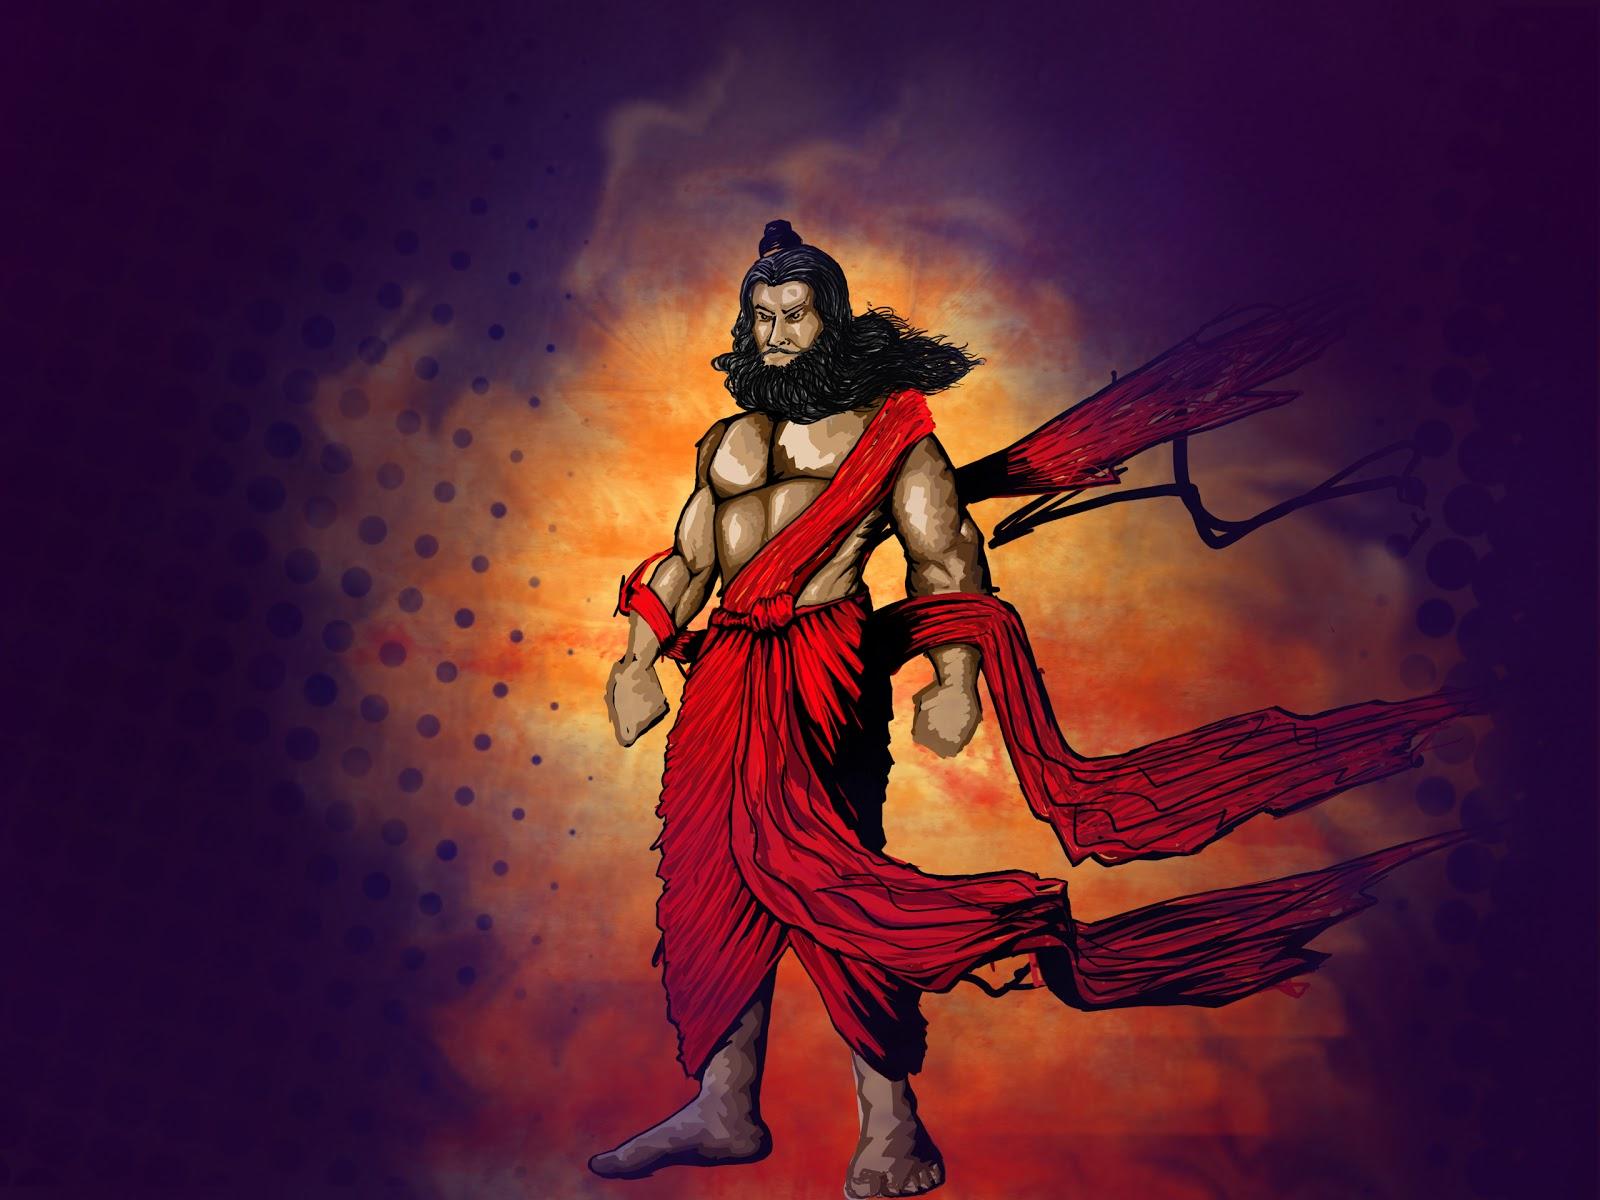 Shiva Chillum Hd Wallpaper Parshuram The Sixth Avatar Of Vishnu Journal Edge